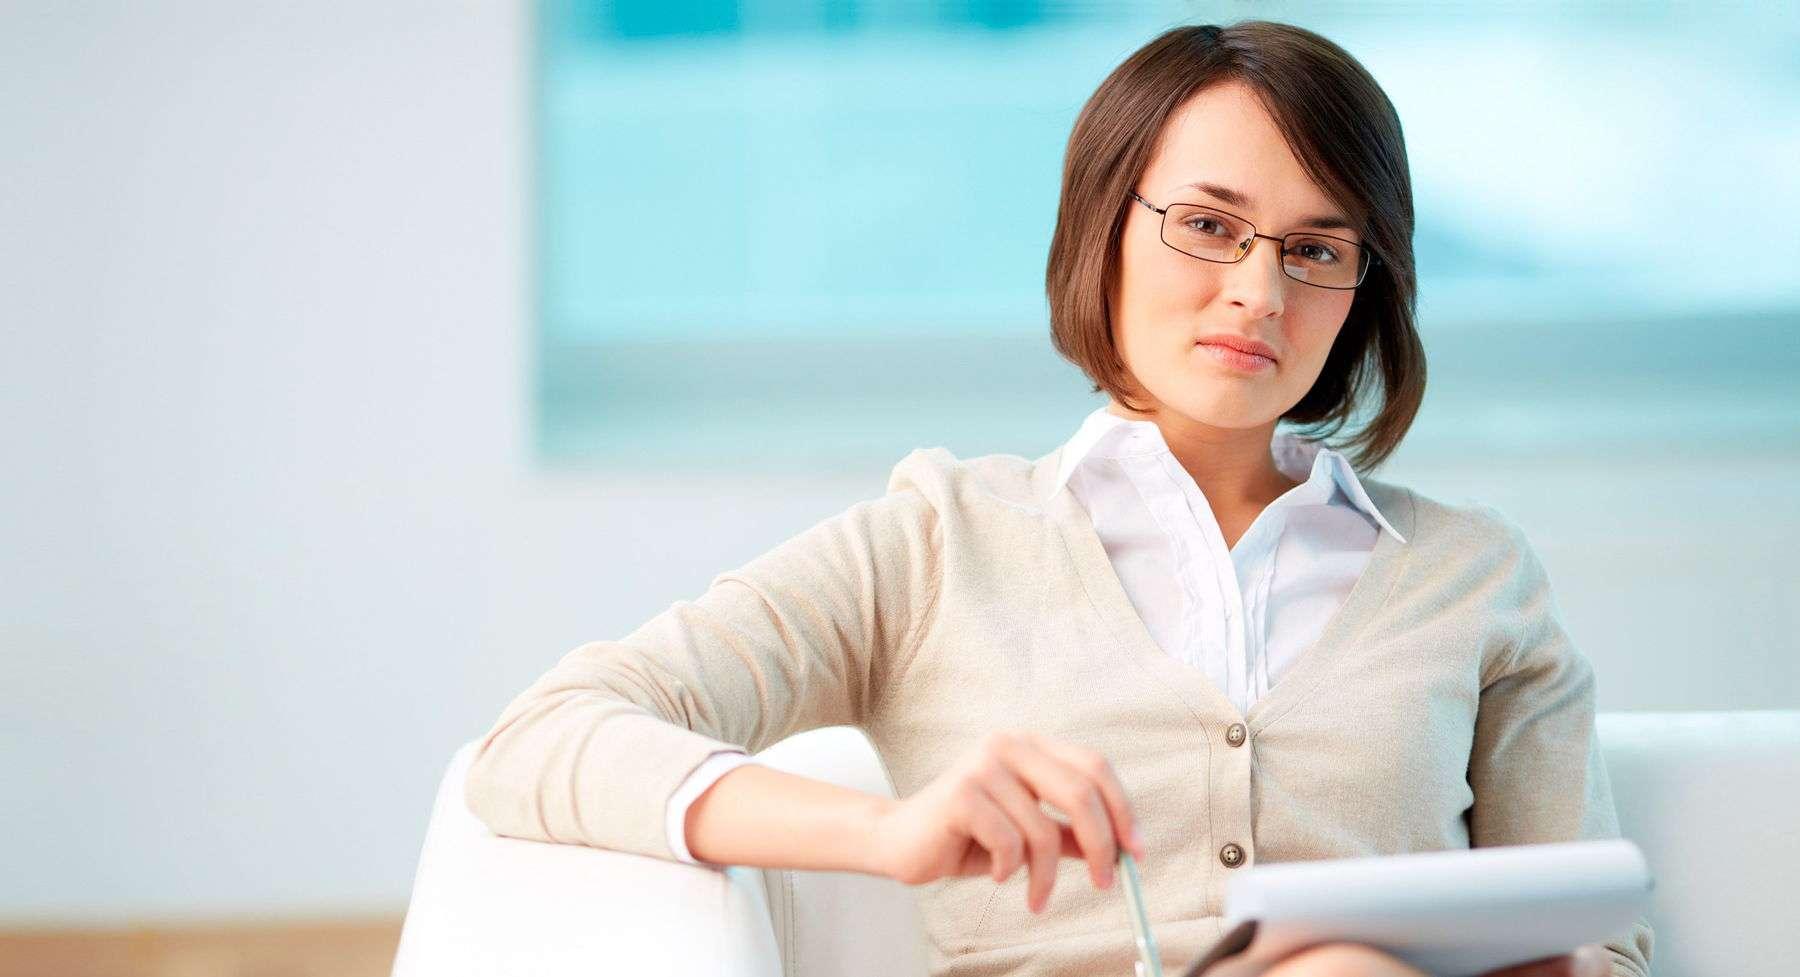 Психологическая помощь: Консультирование — общие вопросы